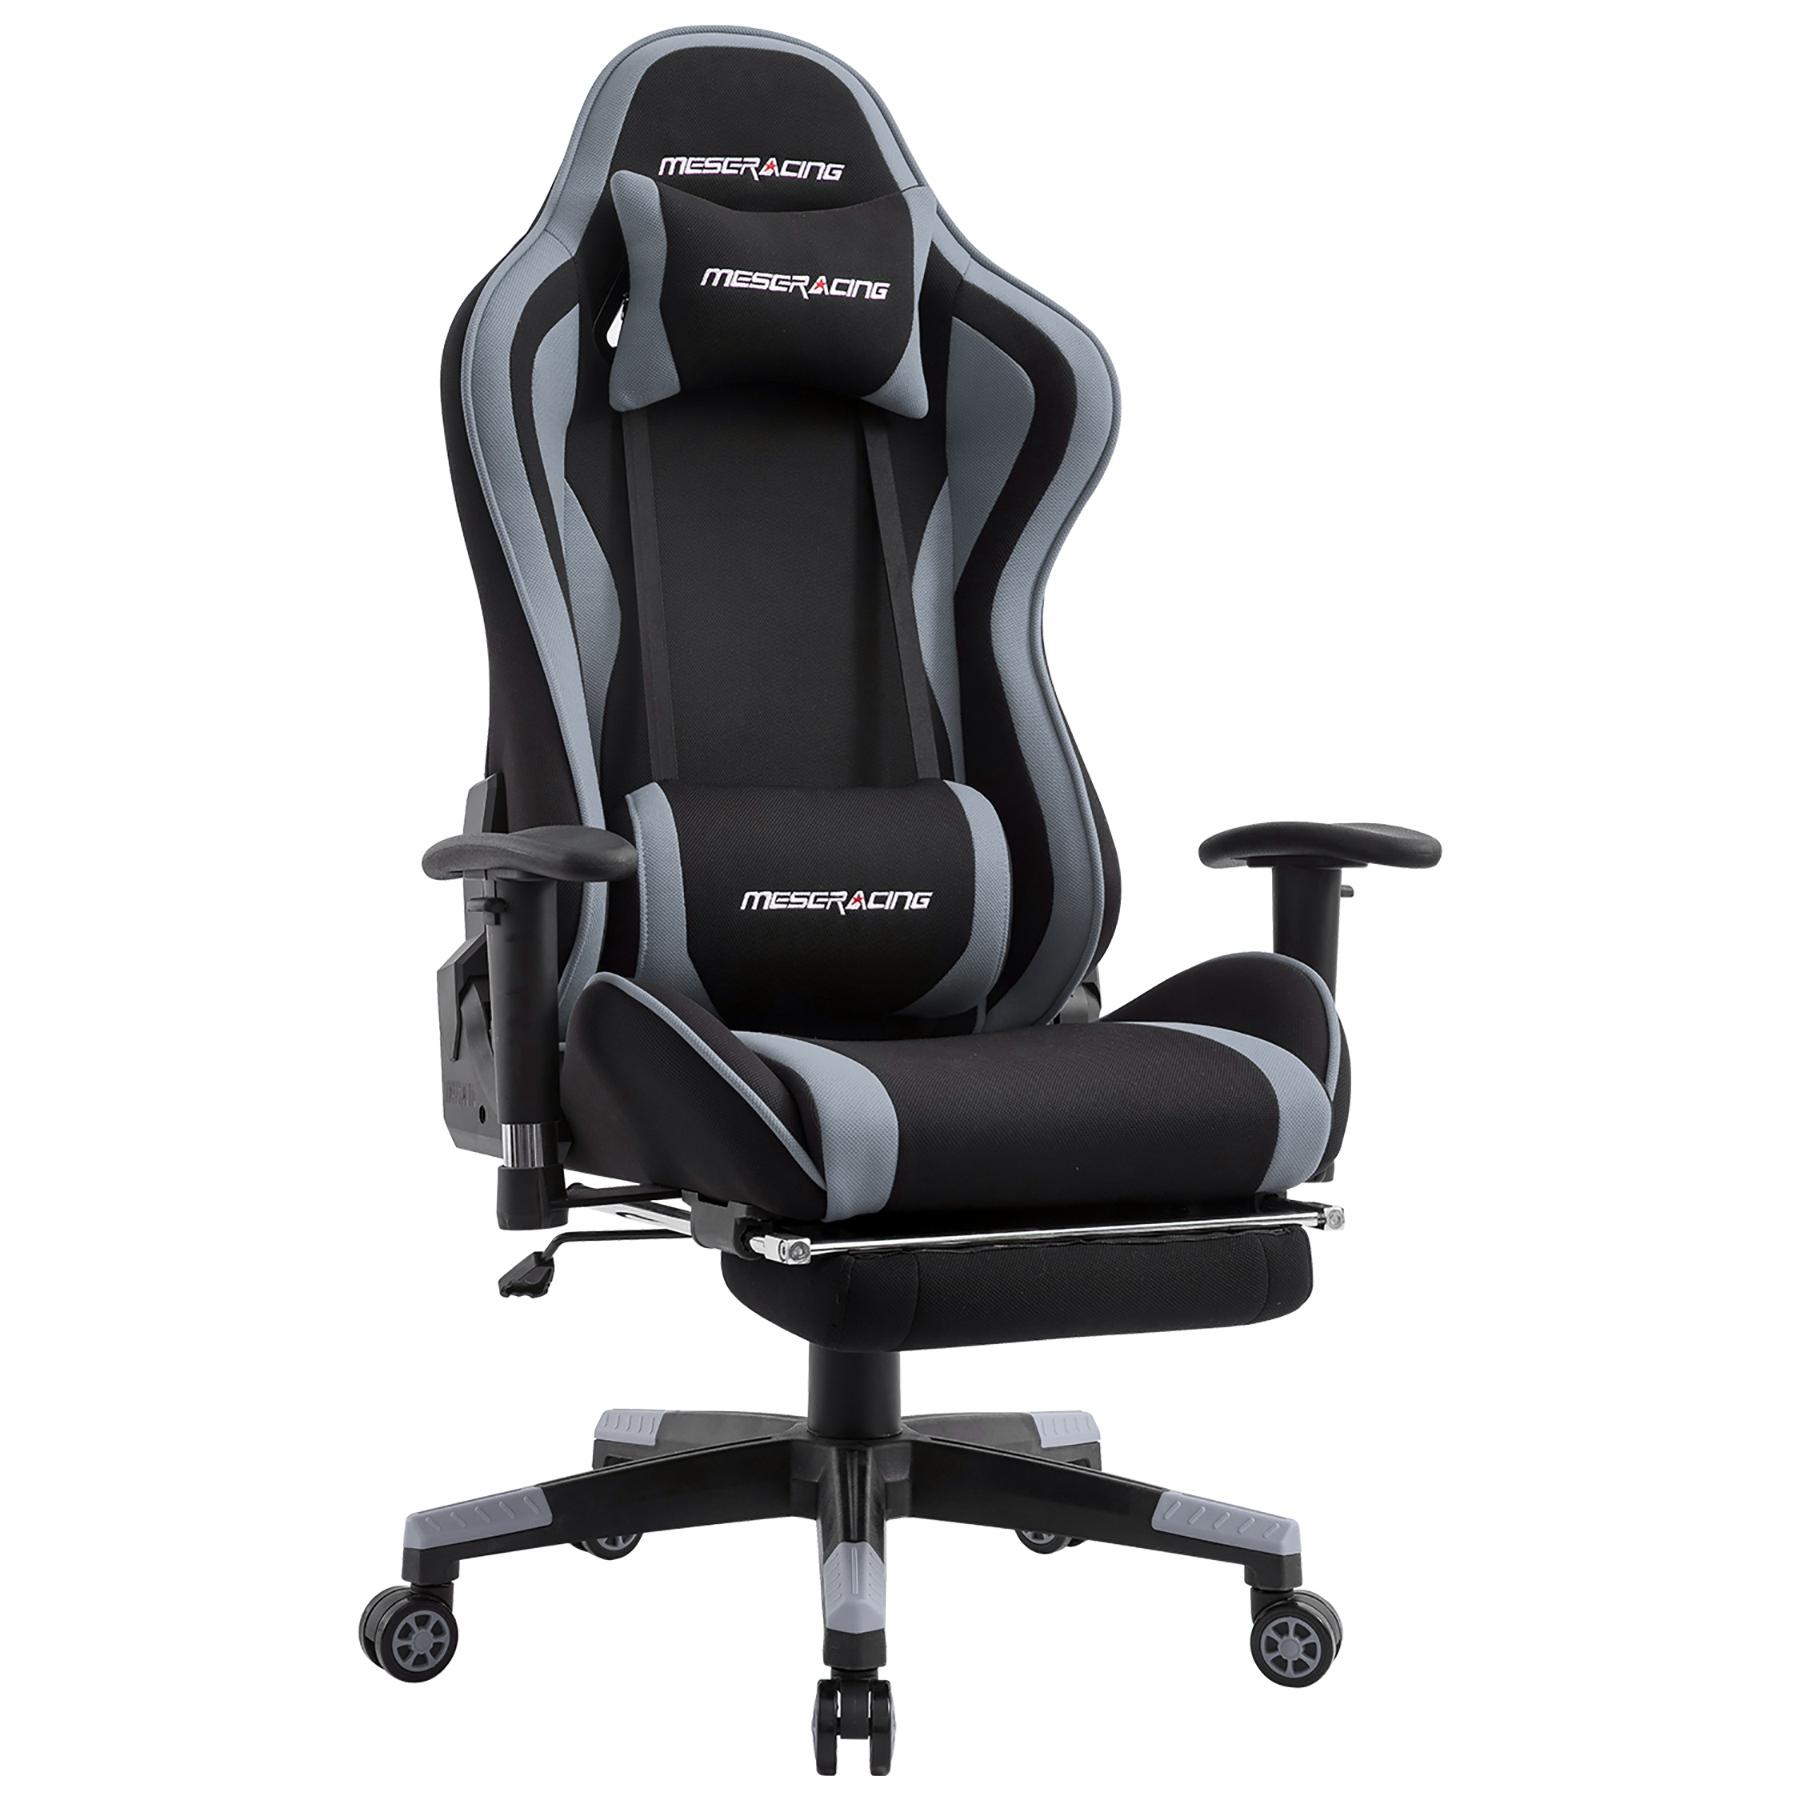 【国内発送】ゲーミングチェア オットマン付き 通気性抜群 gaming chair 腰痛対策 オフィス PP-142